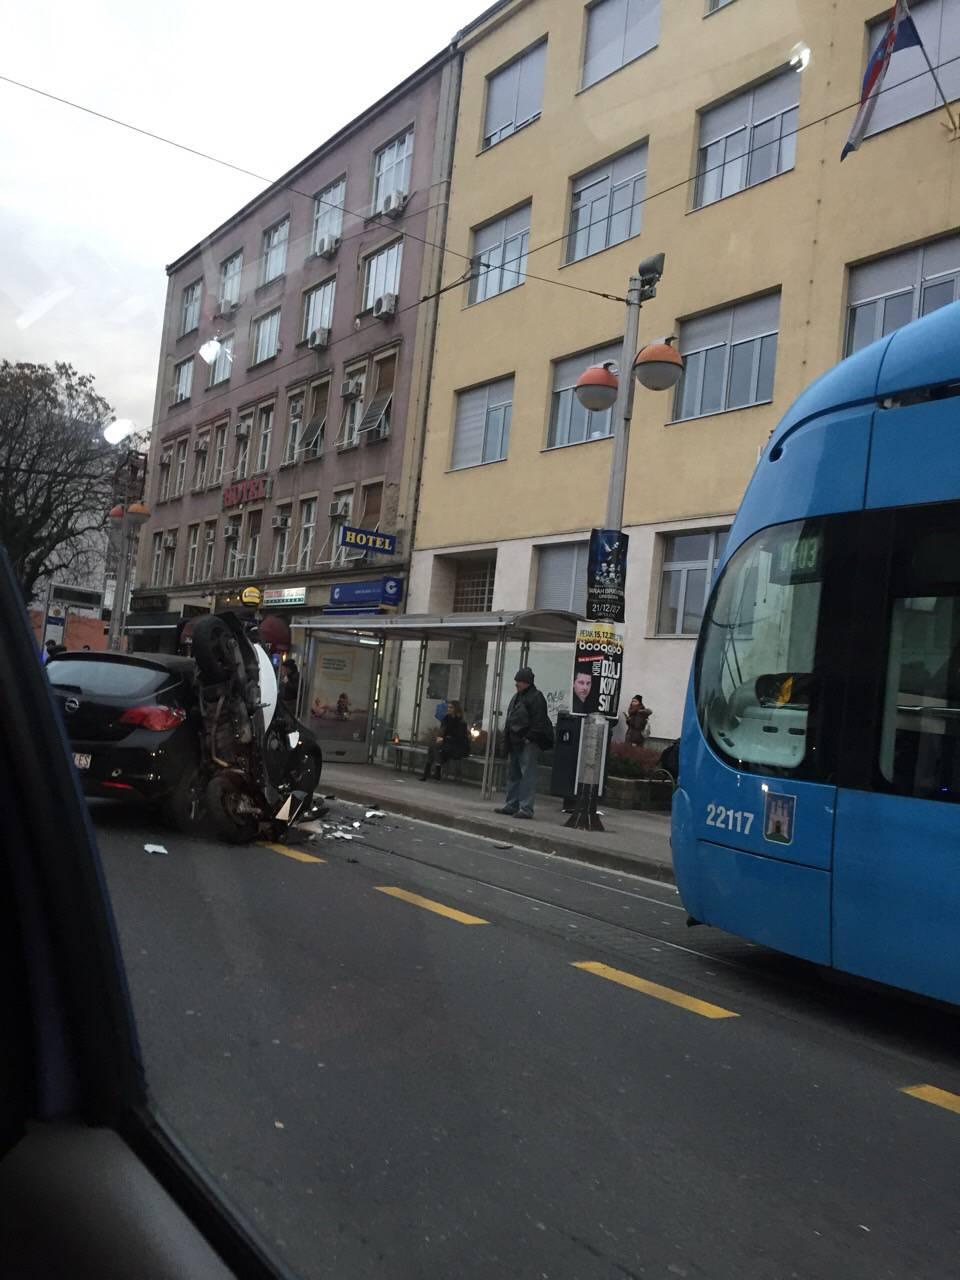 Sudarili su se auto i skuter u Savskoj, jedan čovjek ozlijeđen